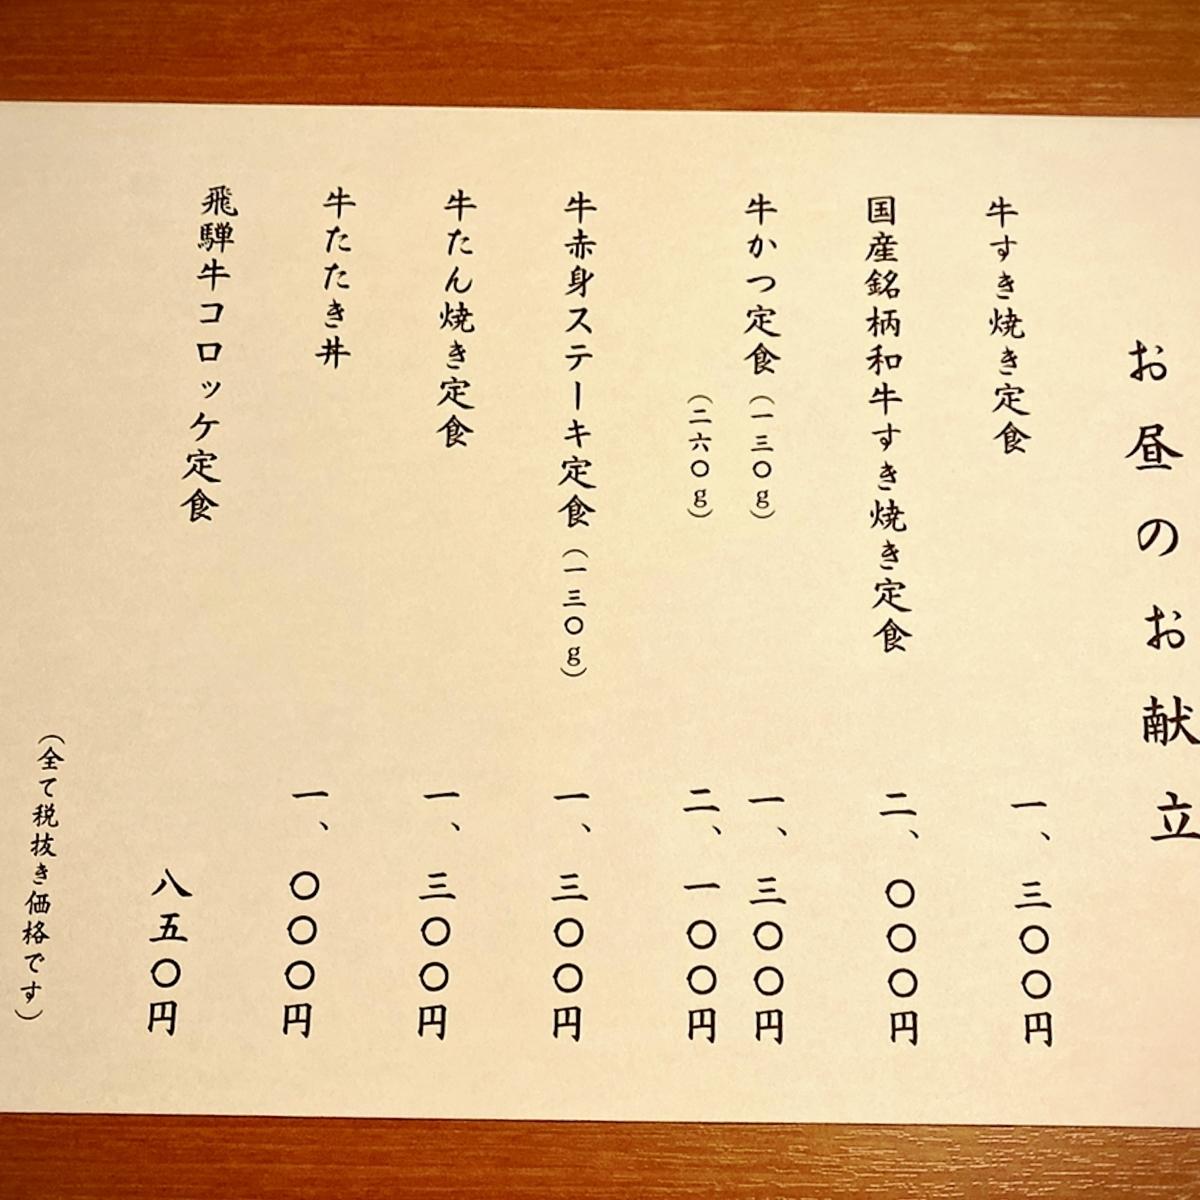 「すき焼きと蟹 木曾平沢 吉祥寺」のランチメニューと値段